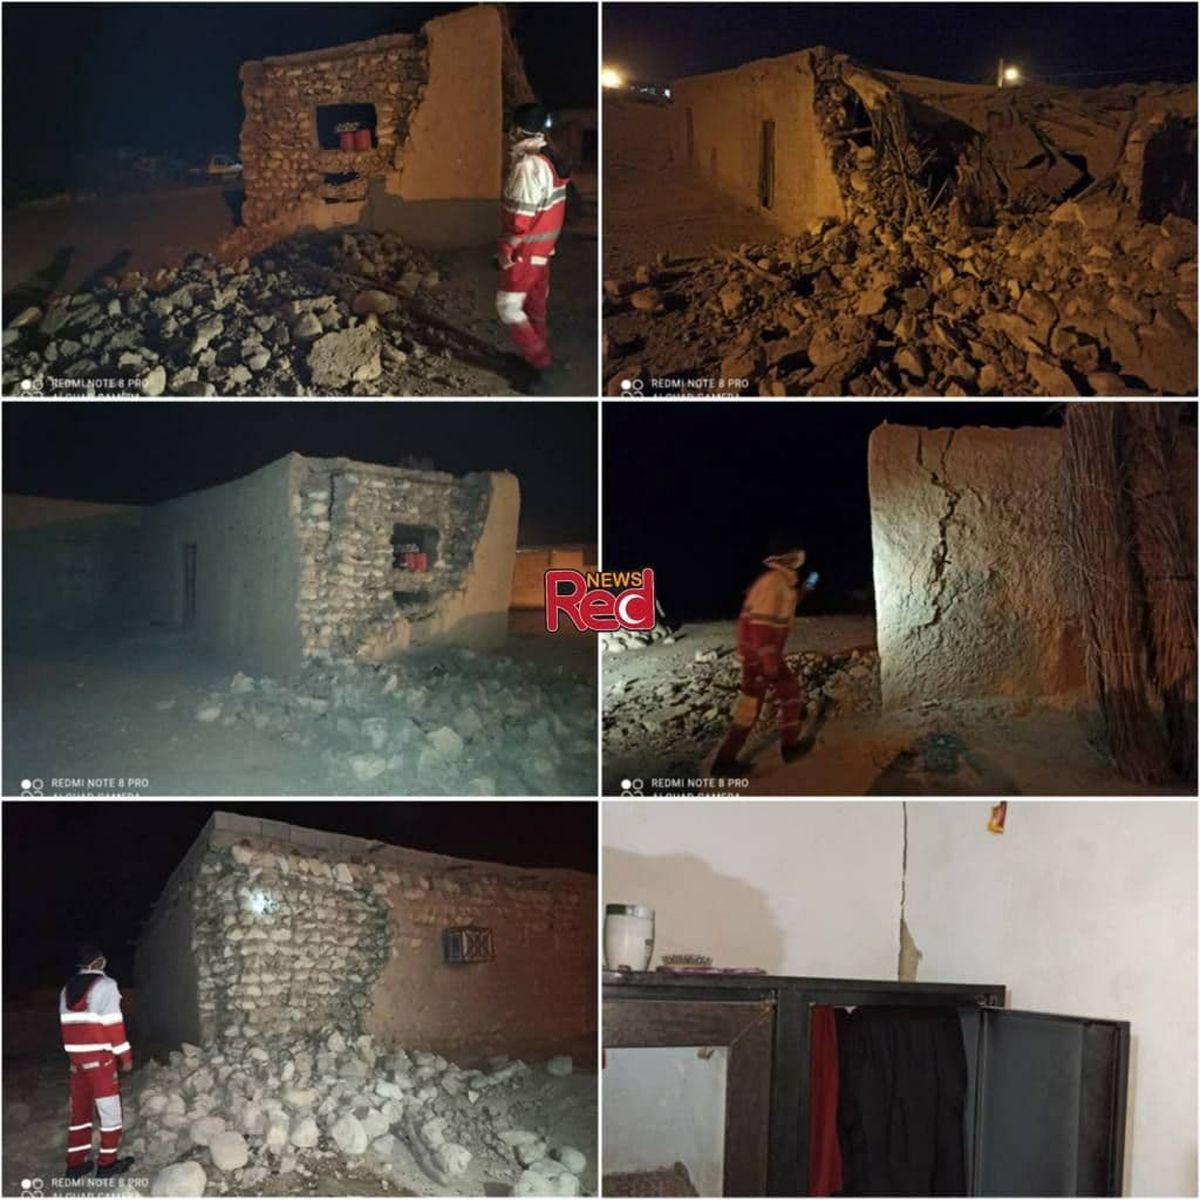 اولین تصاویر منتشر شده از زلزله ۵.۵ ریشتری امروز در هرمزگان